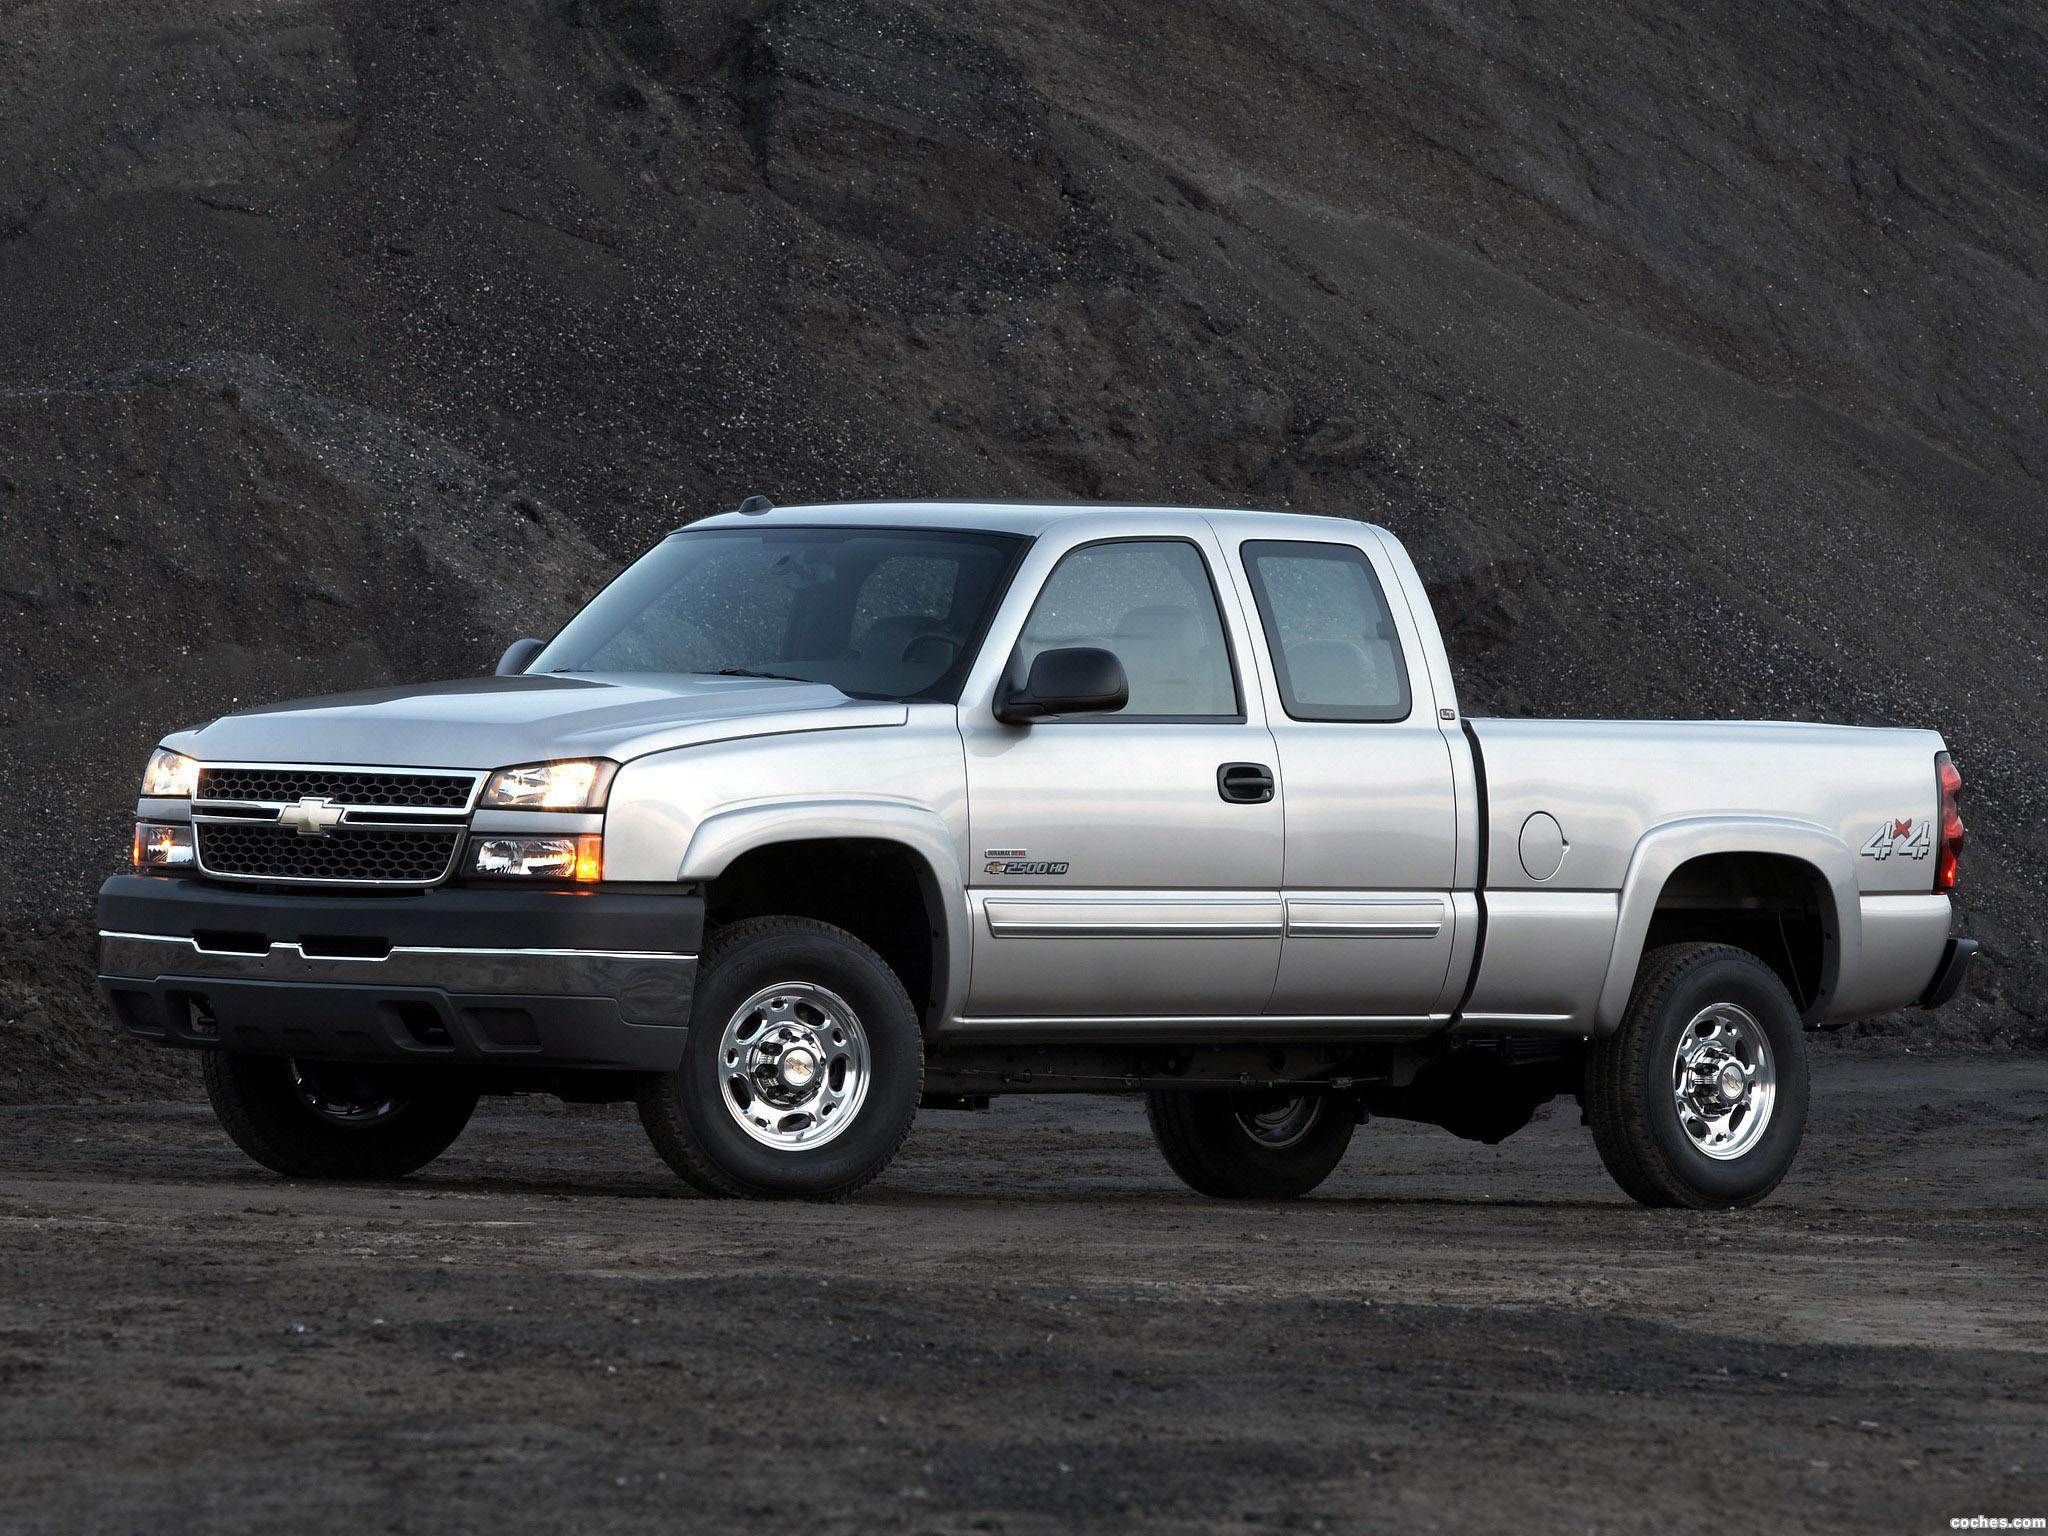 Foto 0 de Chevrolet Silverado 2500 HD Extended Cab 2002